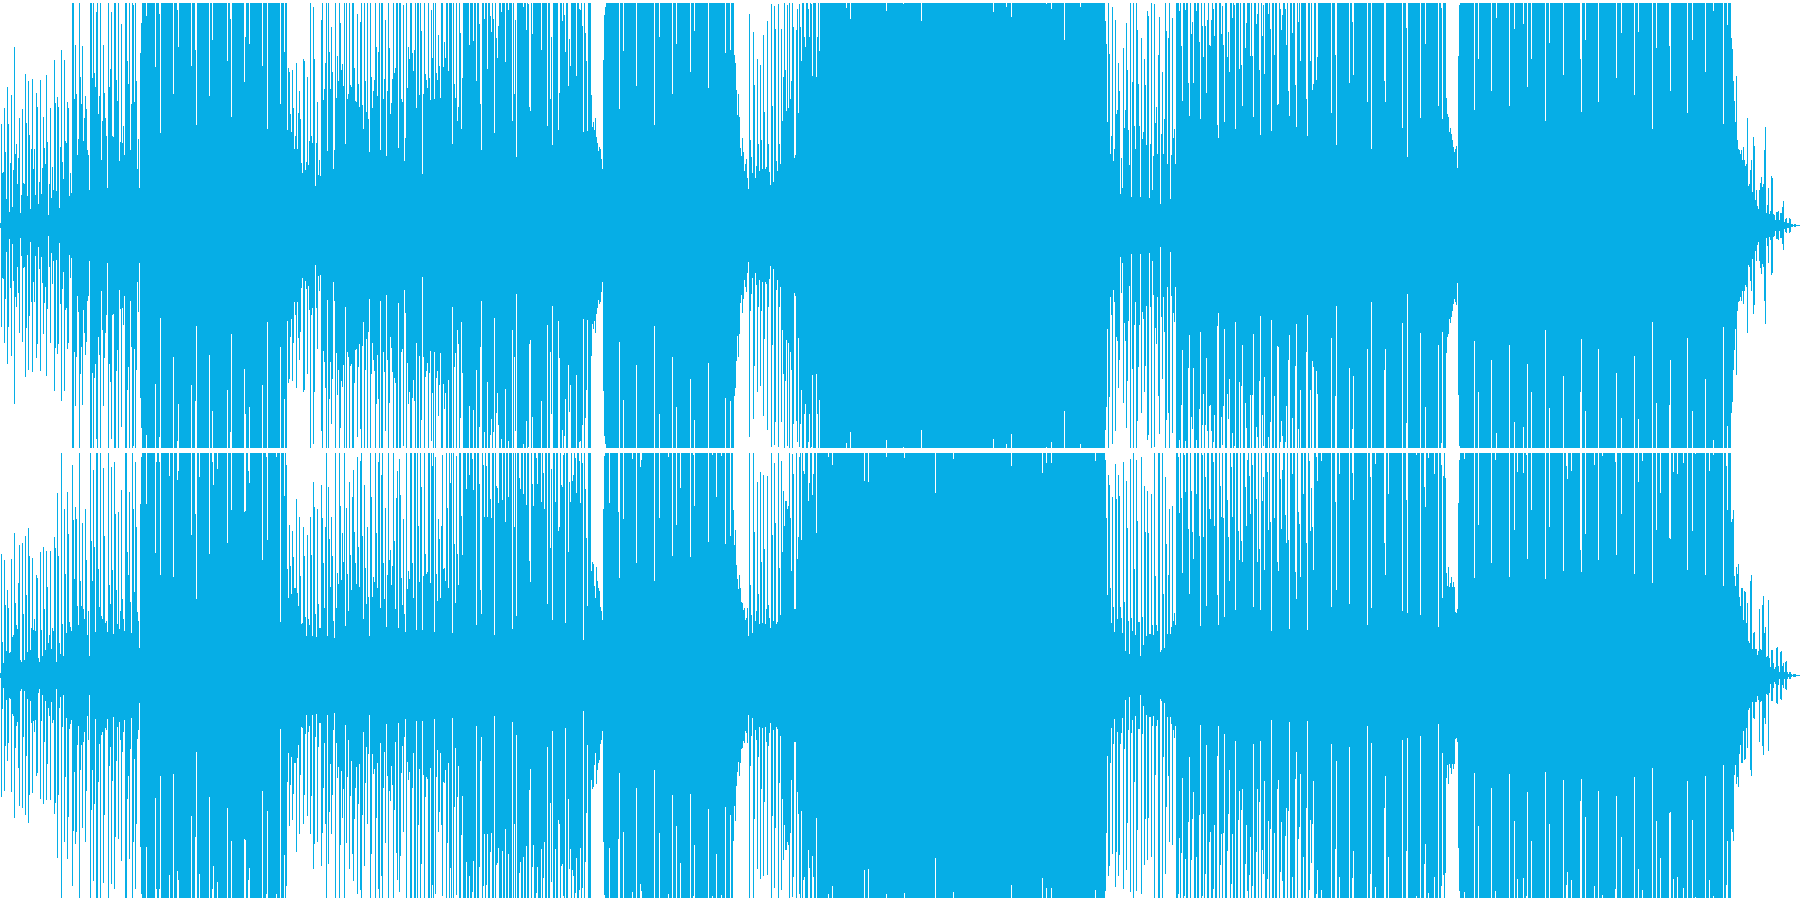 夏にぴったり涼しげトロピカル調のEDMの再生済みの波形